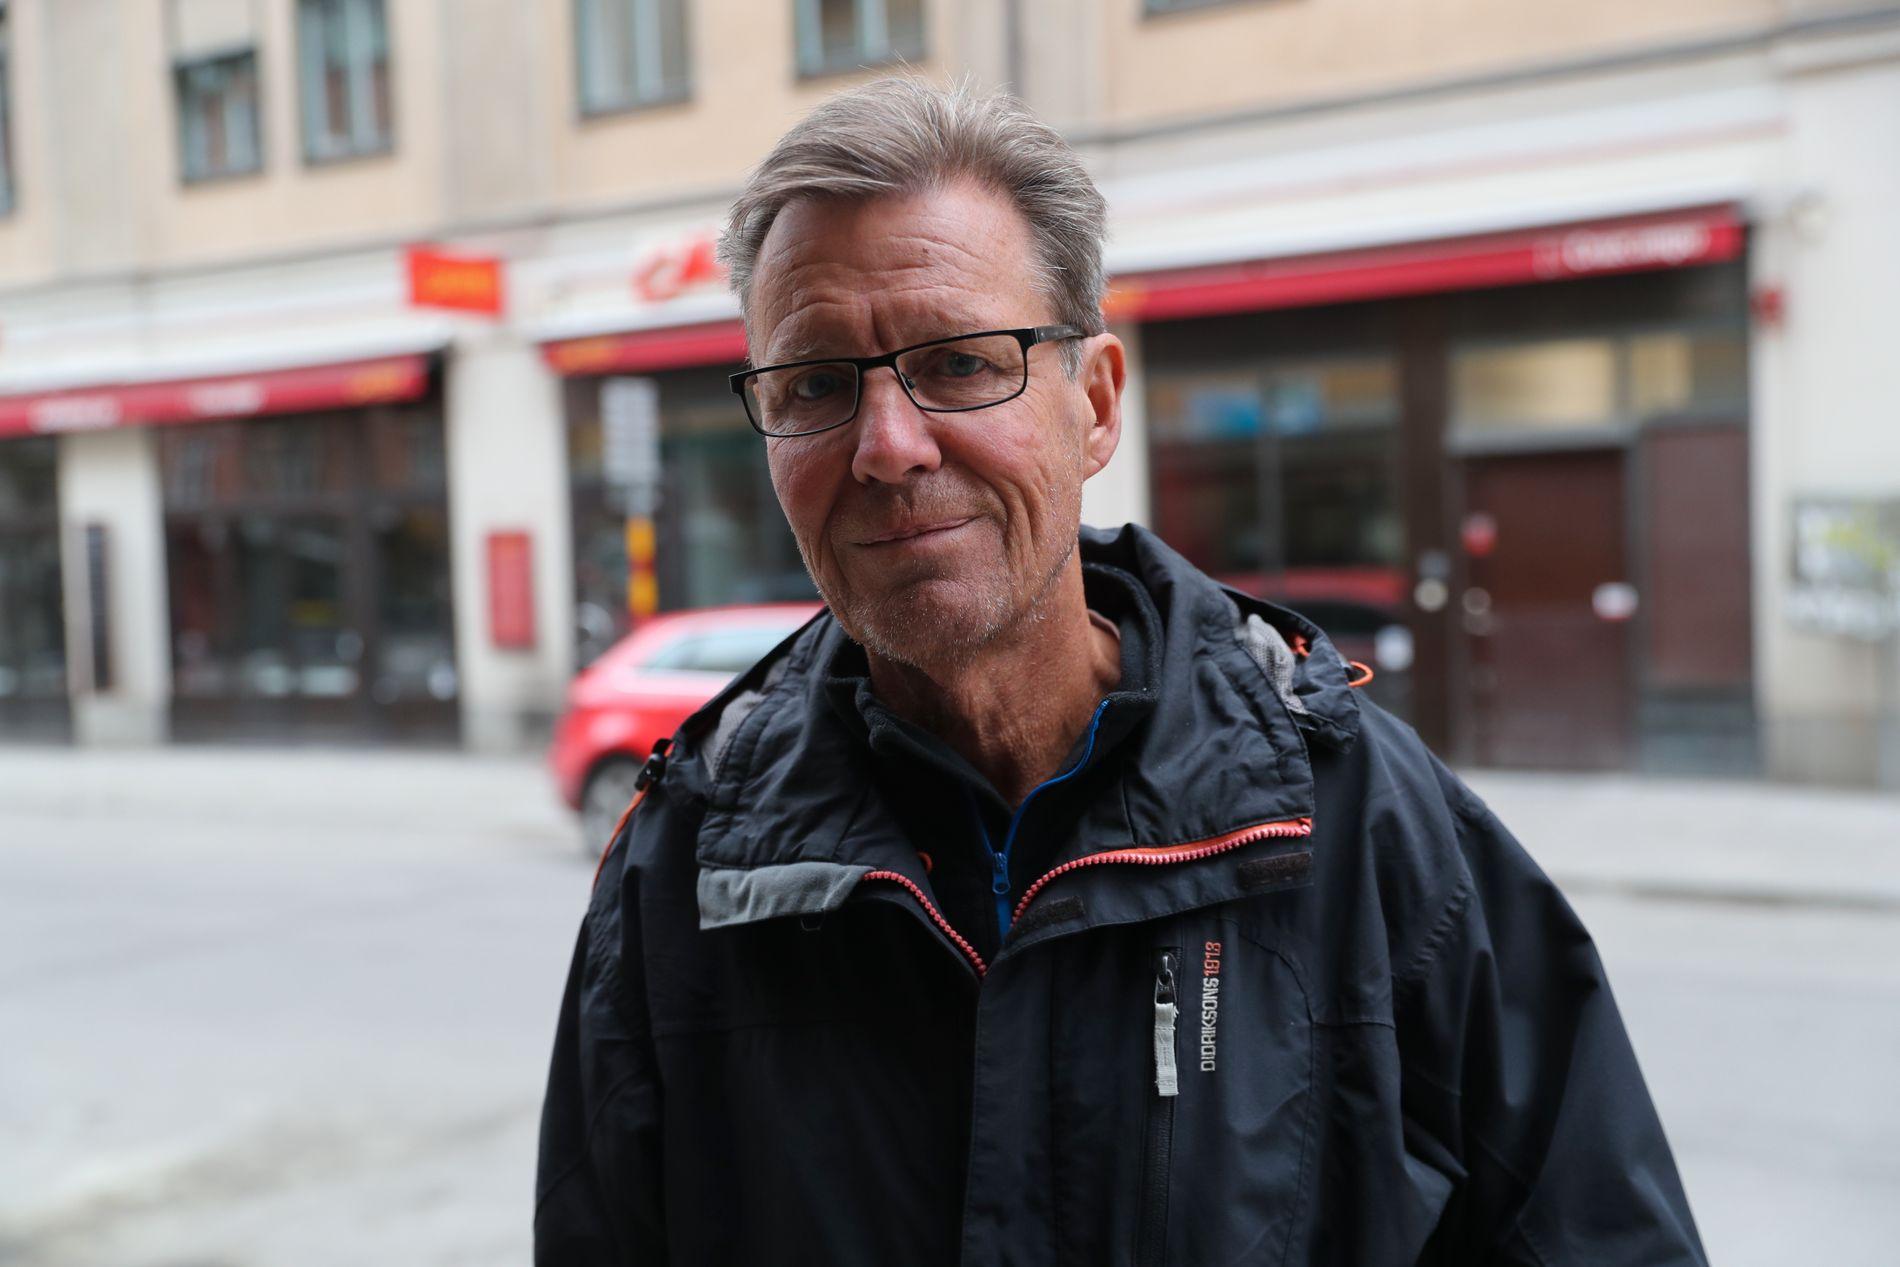 BOR LIKE VED: Stefan (65) bor overfor restauranten Caliente, der lastebilen ble stjålet fra. Foto: HALLGEIR VÅGENES